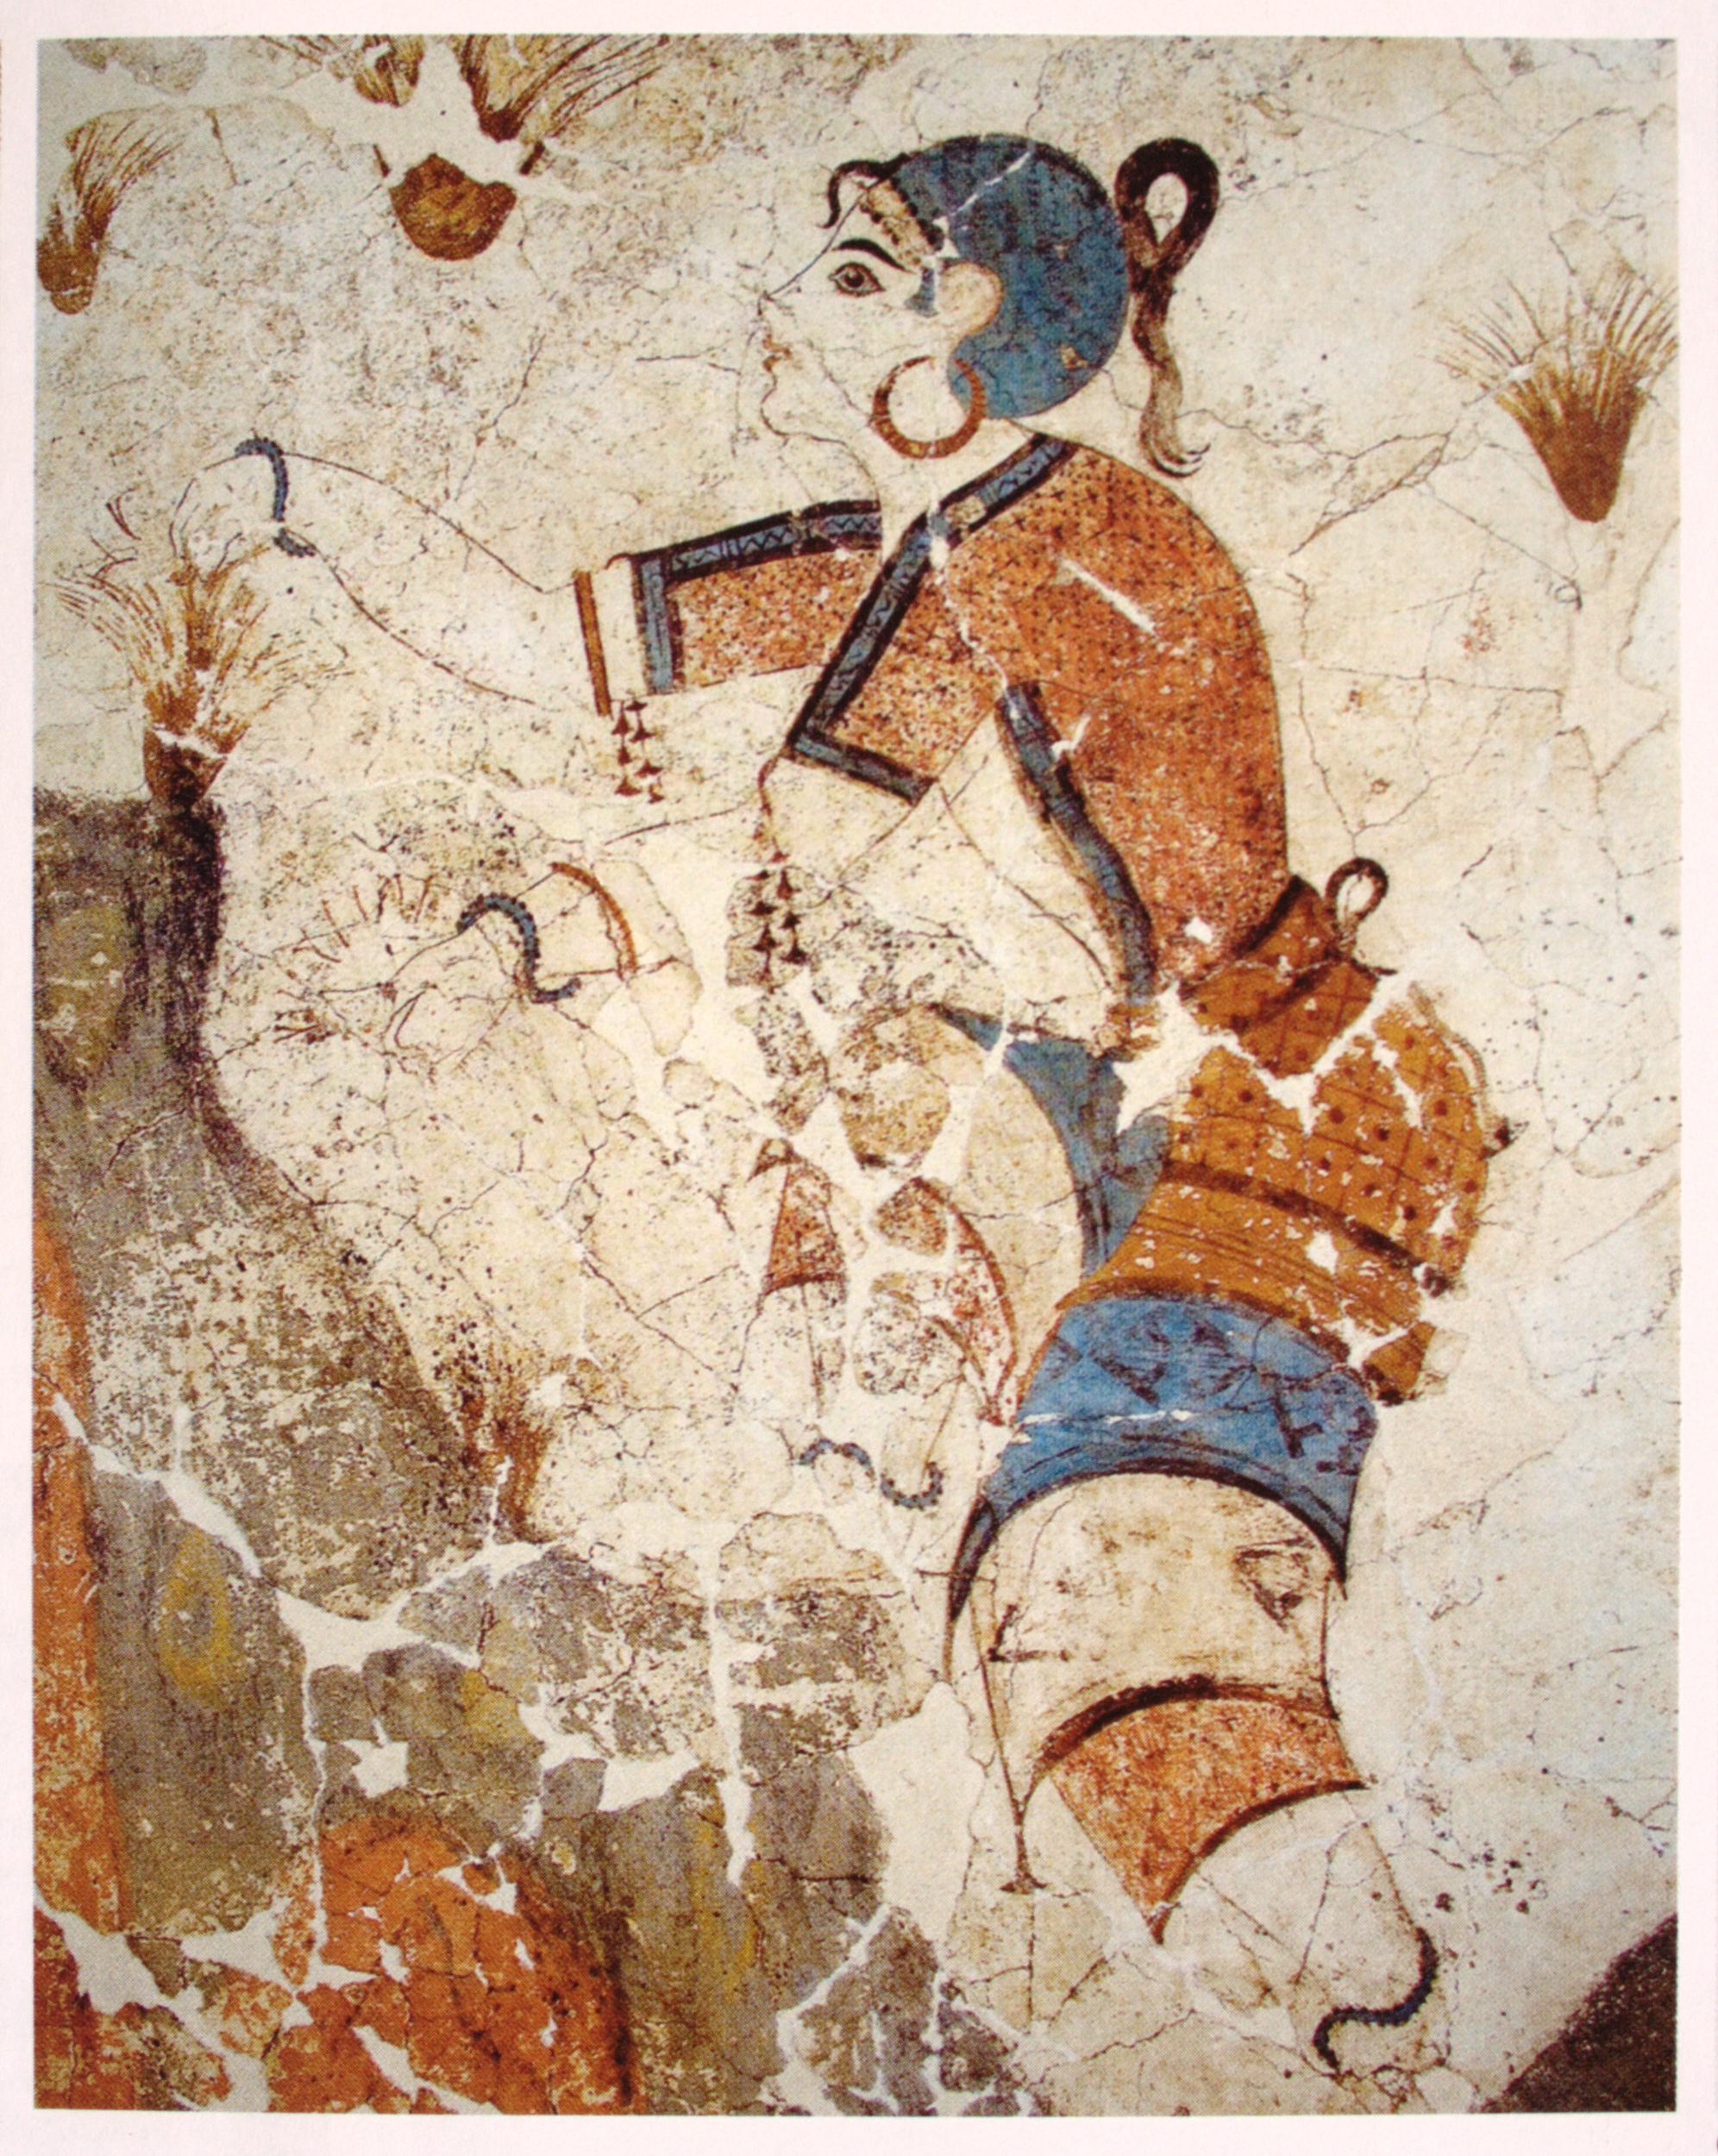 Κροκοσυλλέκτρια. Λεπτομέρεια τοιχογραφίας από την Ξεστή 3, Ακρωτήρι.